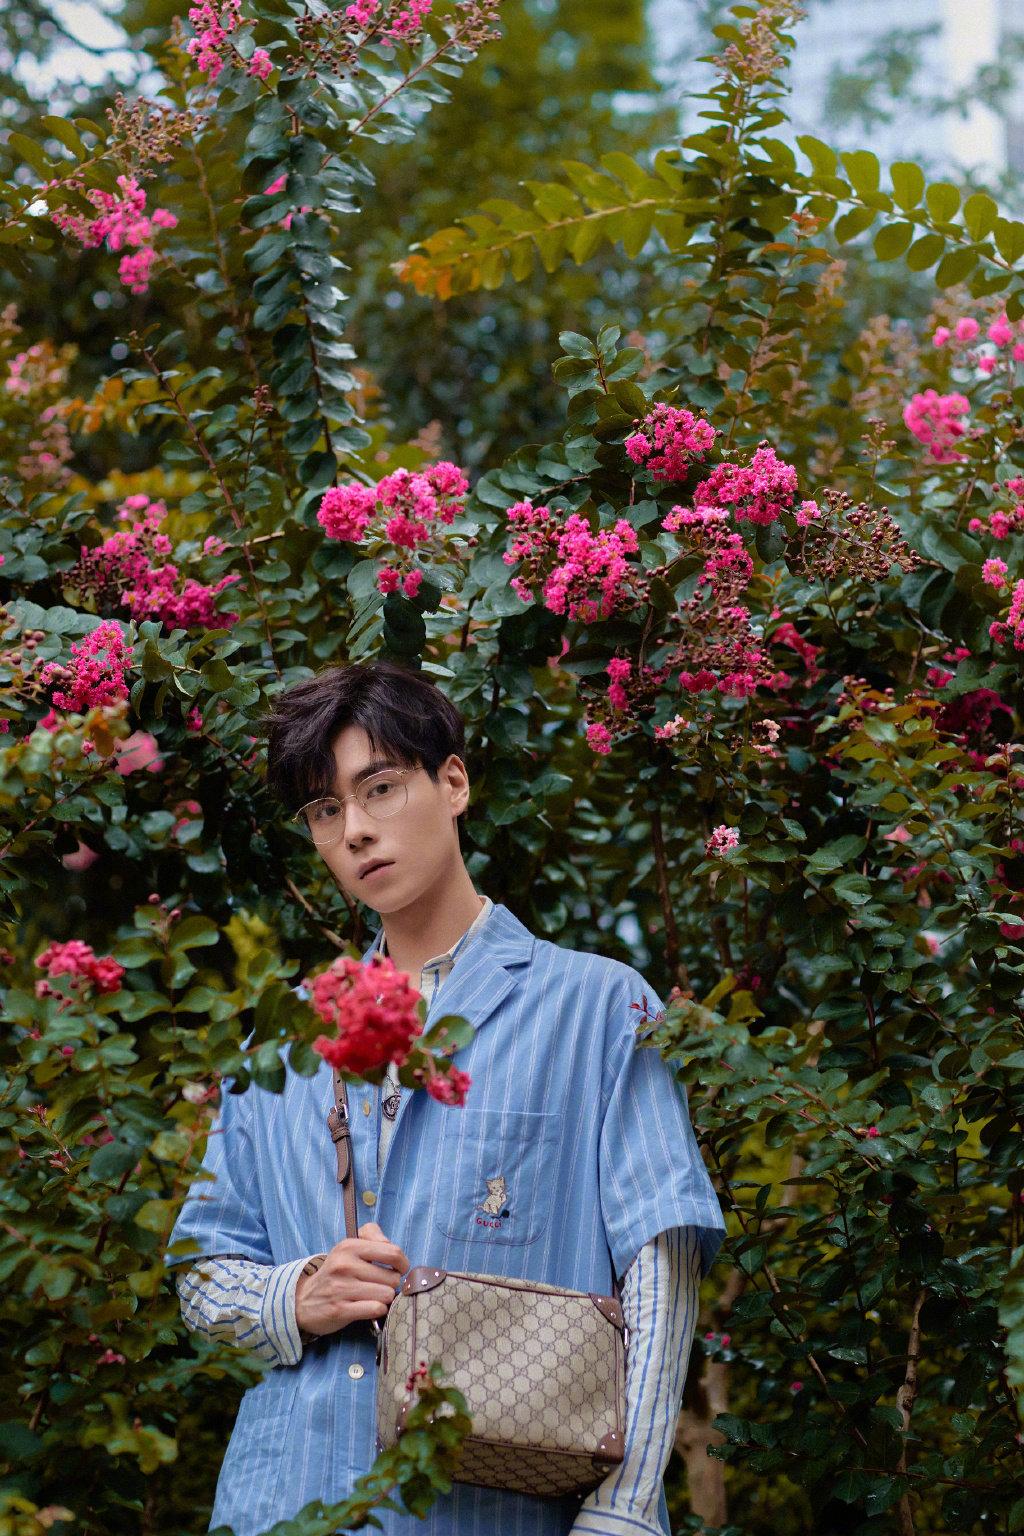 花丛中的美男子你爱了吗?